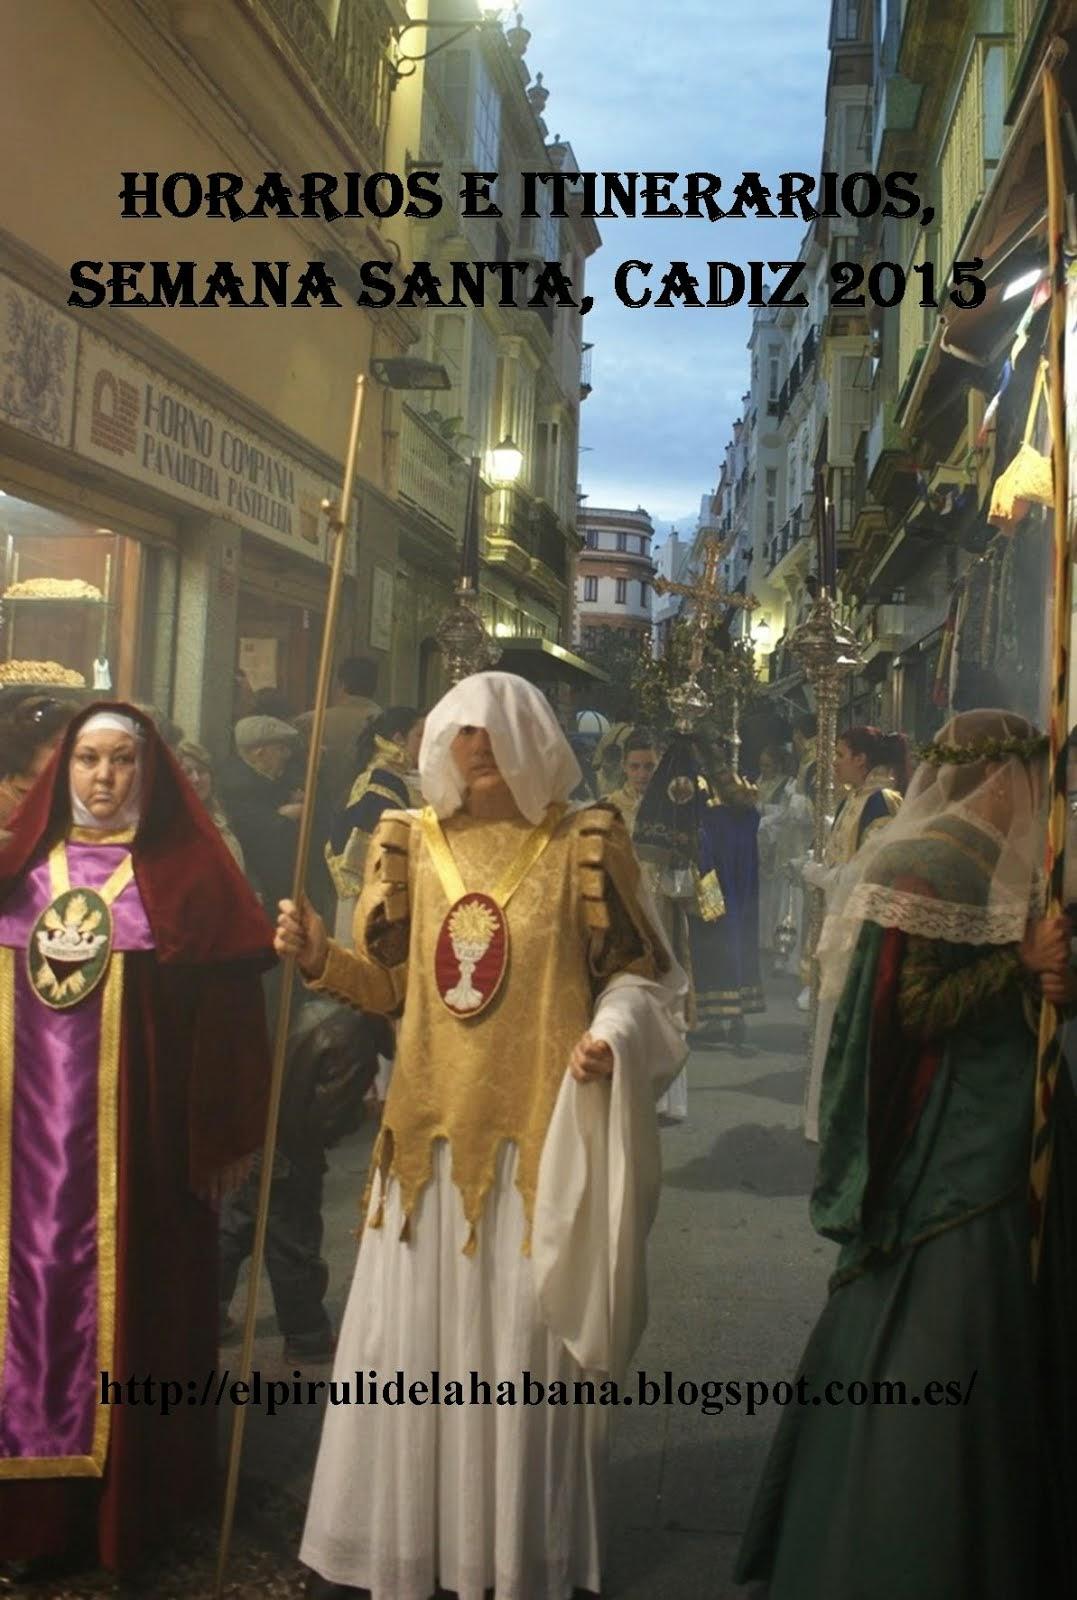 Horarios e itinerarios Semana Santa 2015